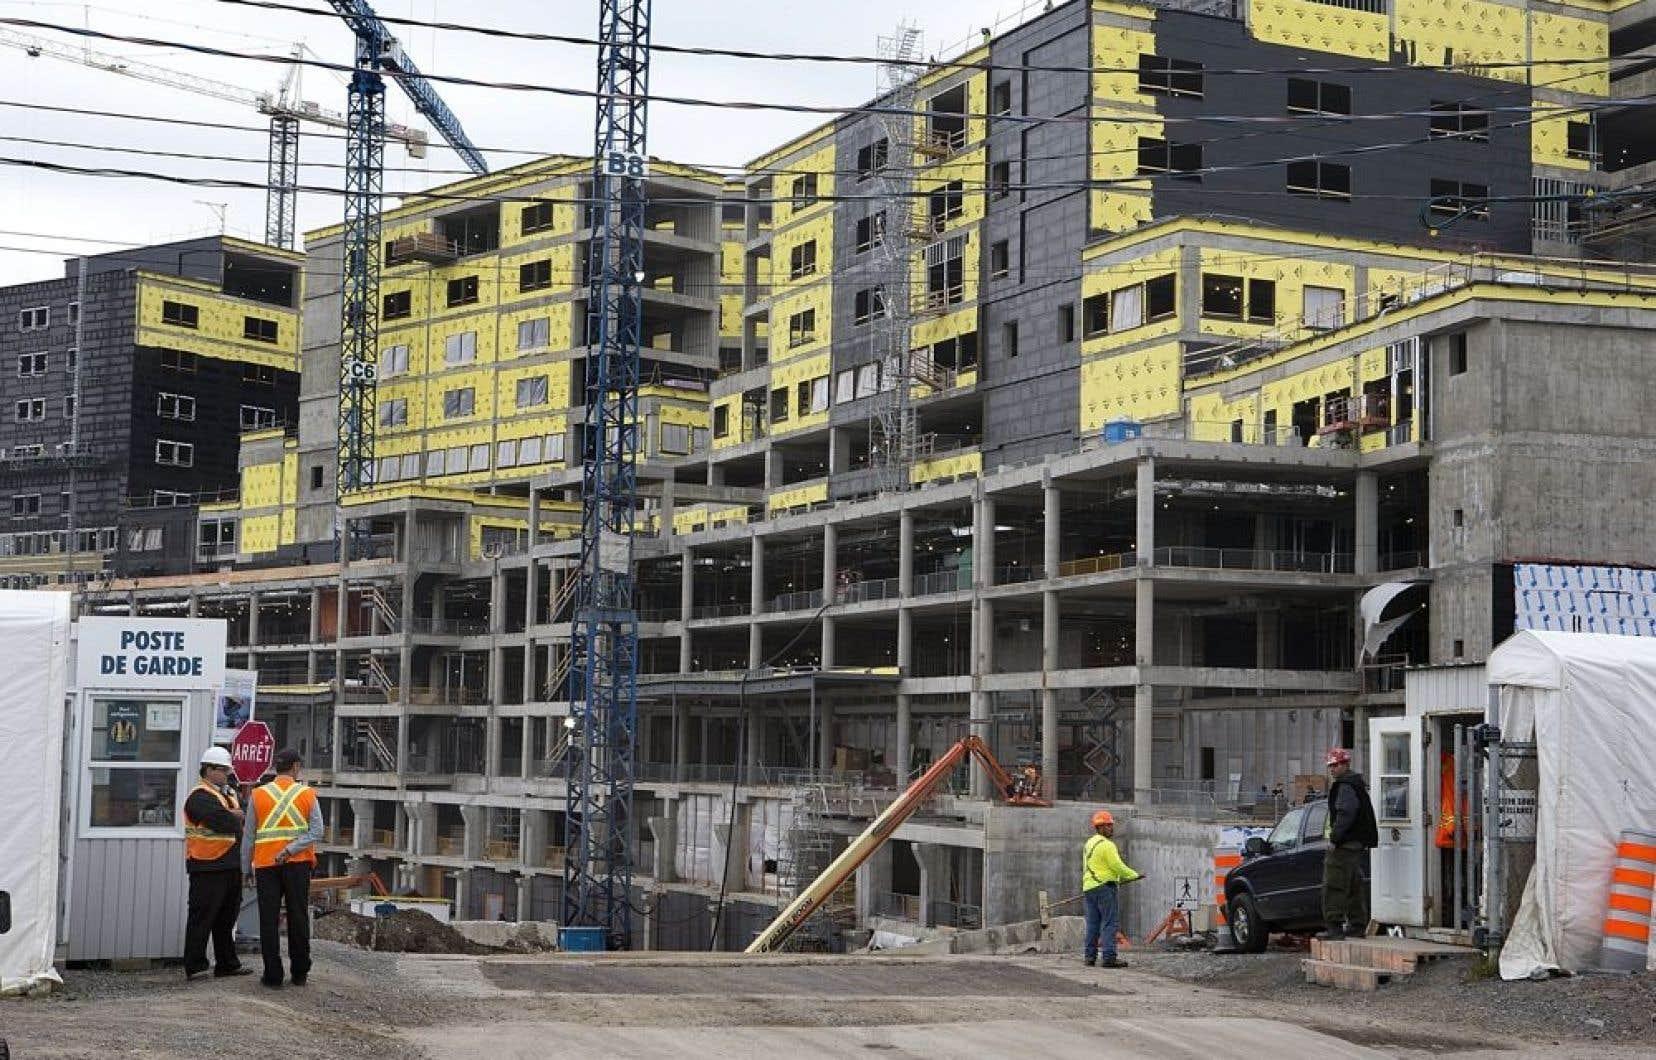 Parmi les contrats visés, on en retrouve deux concernant le développement du Centre universitaire de santé McGill (CUSM).